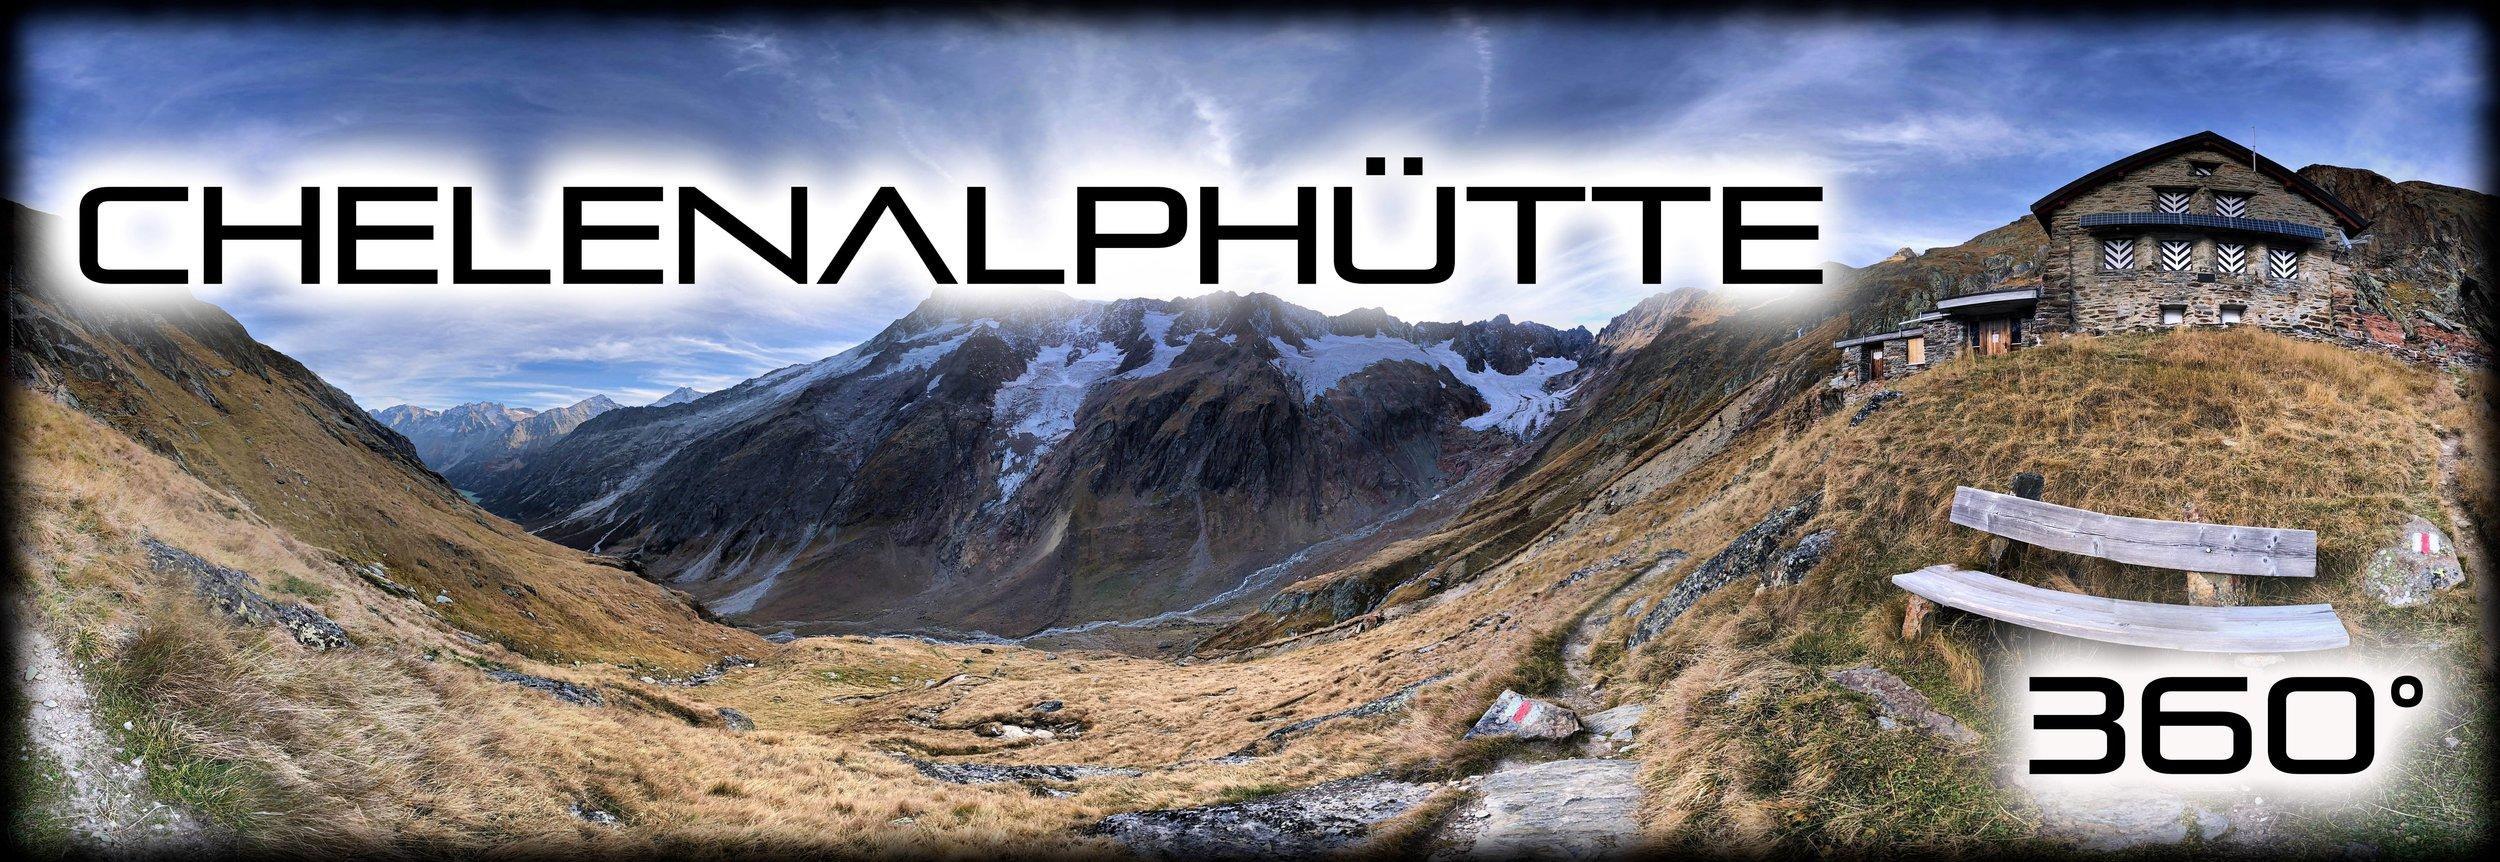 Chelenalphütte - Oktober 2018